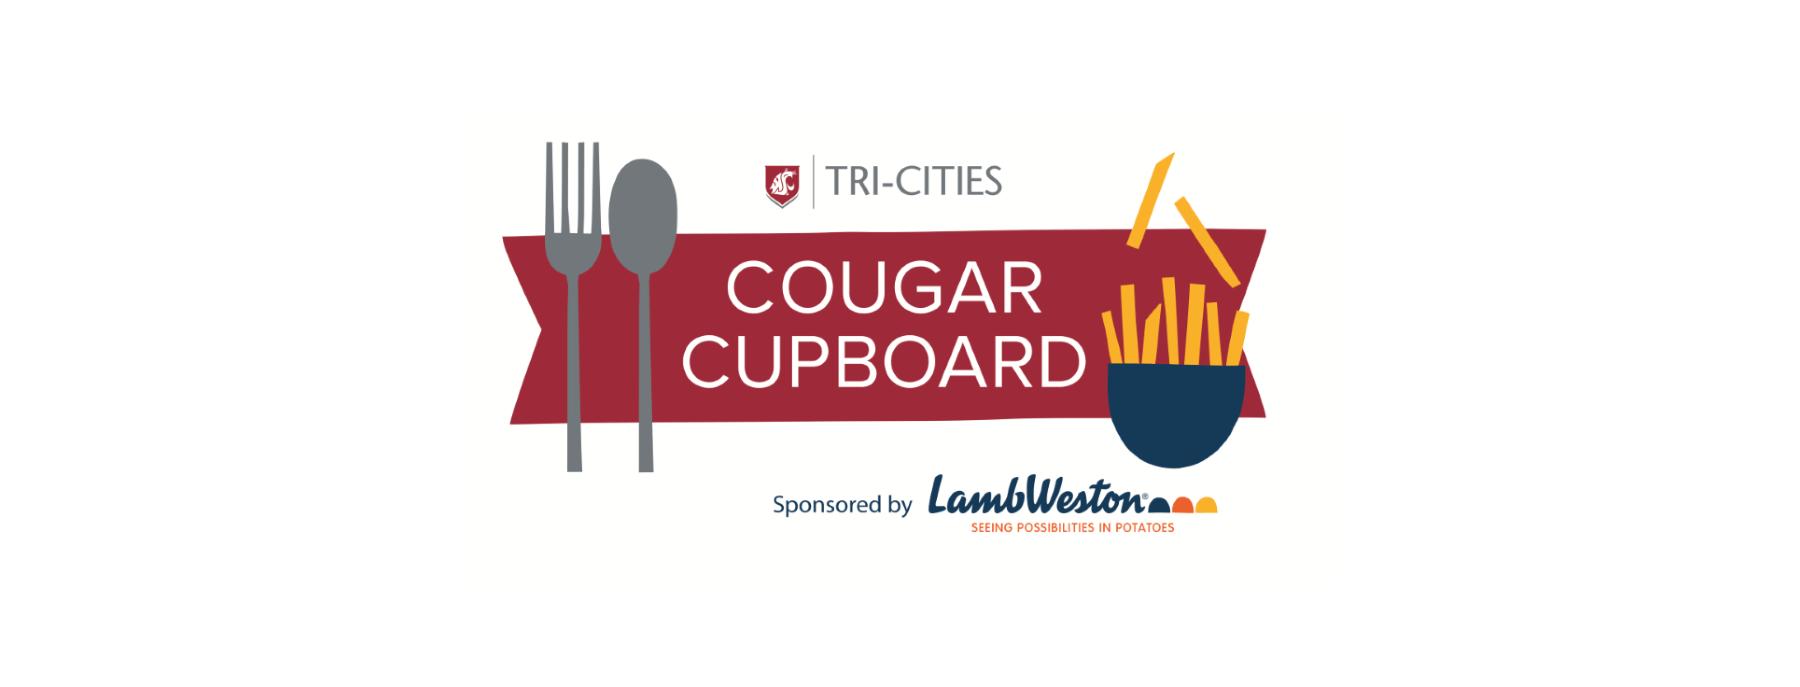 cougar cupboard, food bank, foodbank